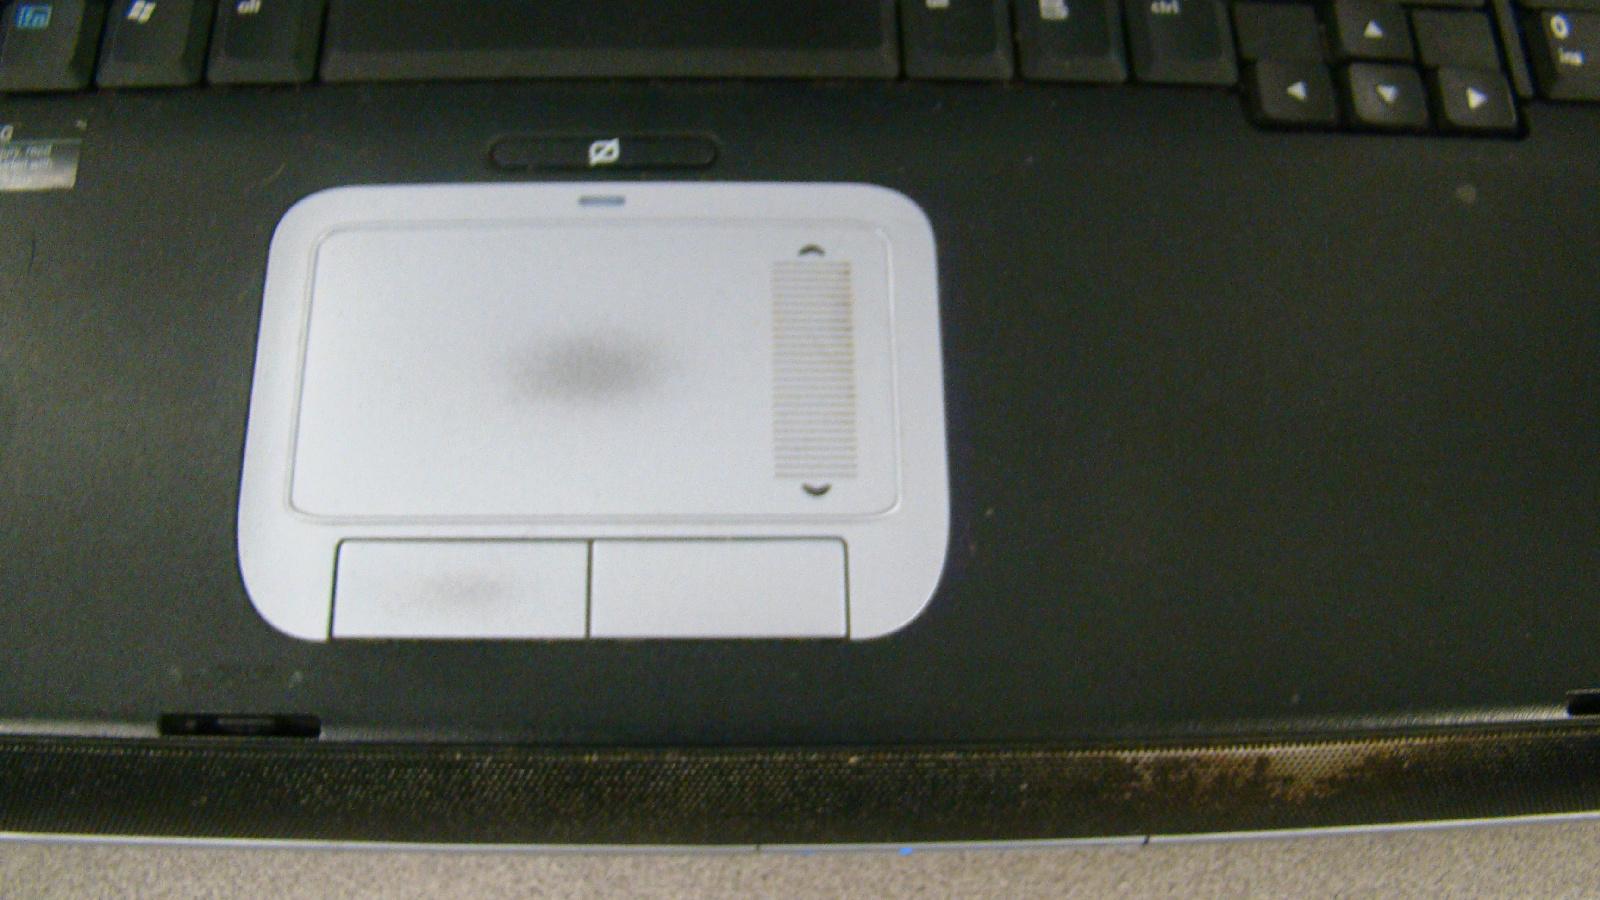 Sfondi HD per laptop HP zd7000